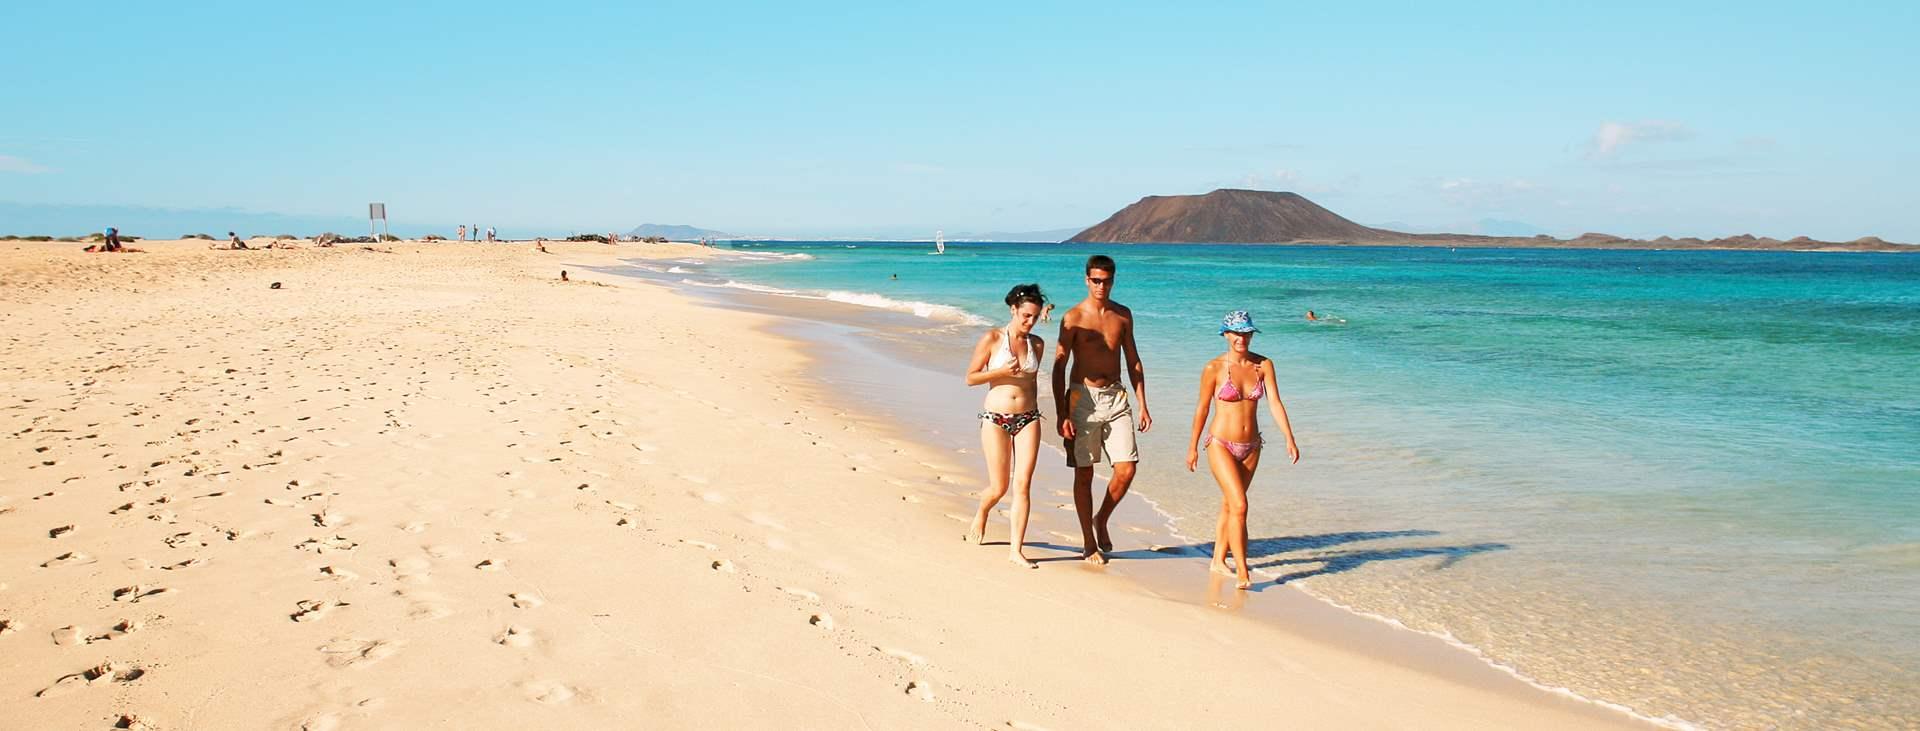 Boka din resa till Fuerteventura, Kanarieöarna, med Ving